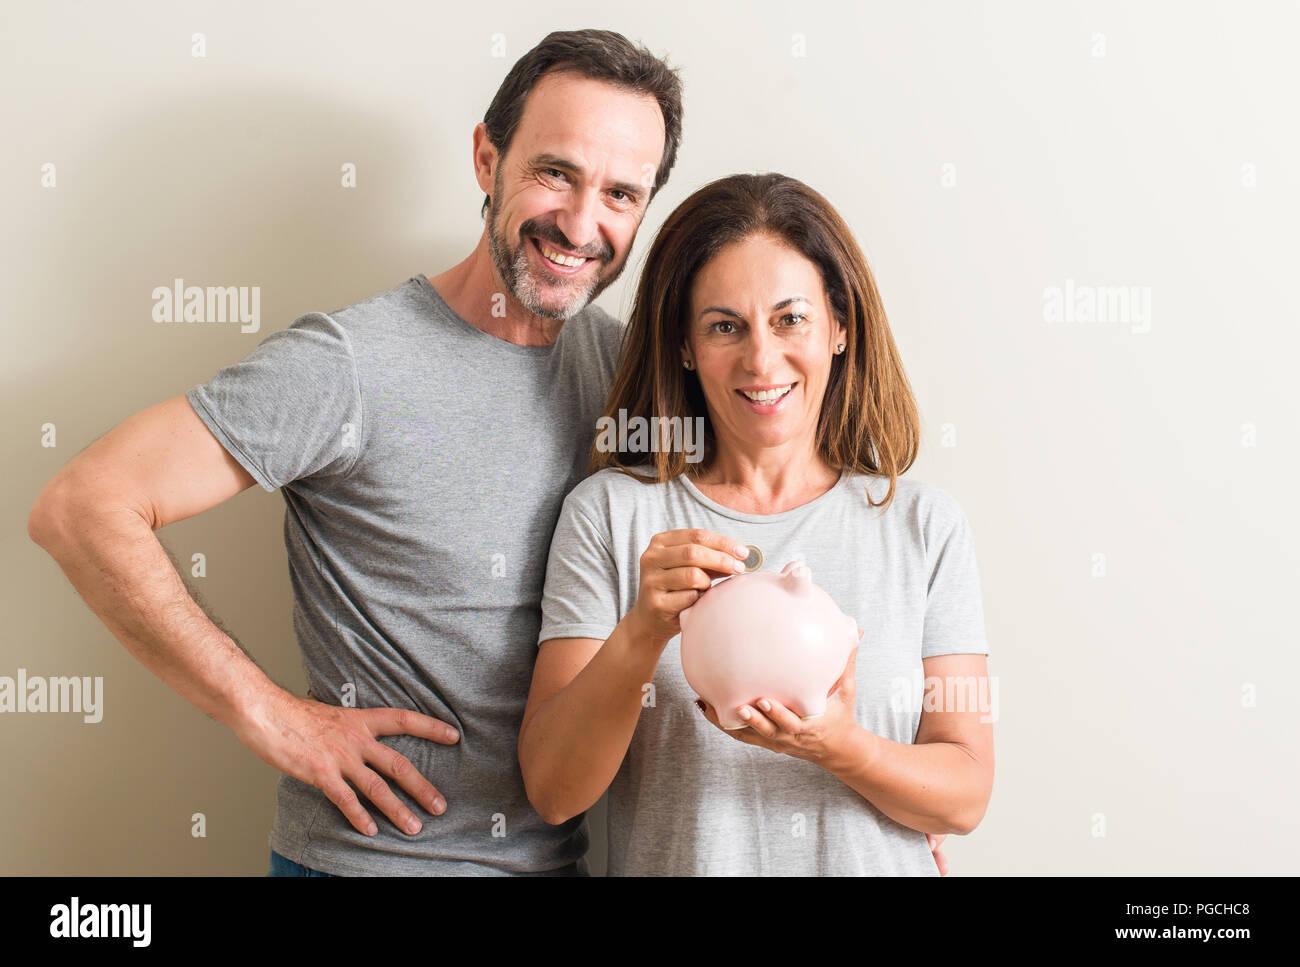 L'âge moyen couple, femme et homme, holding piggy bank avec un visage heureux et souriant debout avec un sourire confiant montrant les dents Banque D'Images